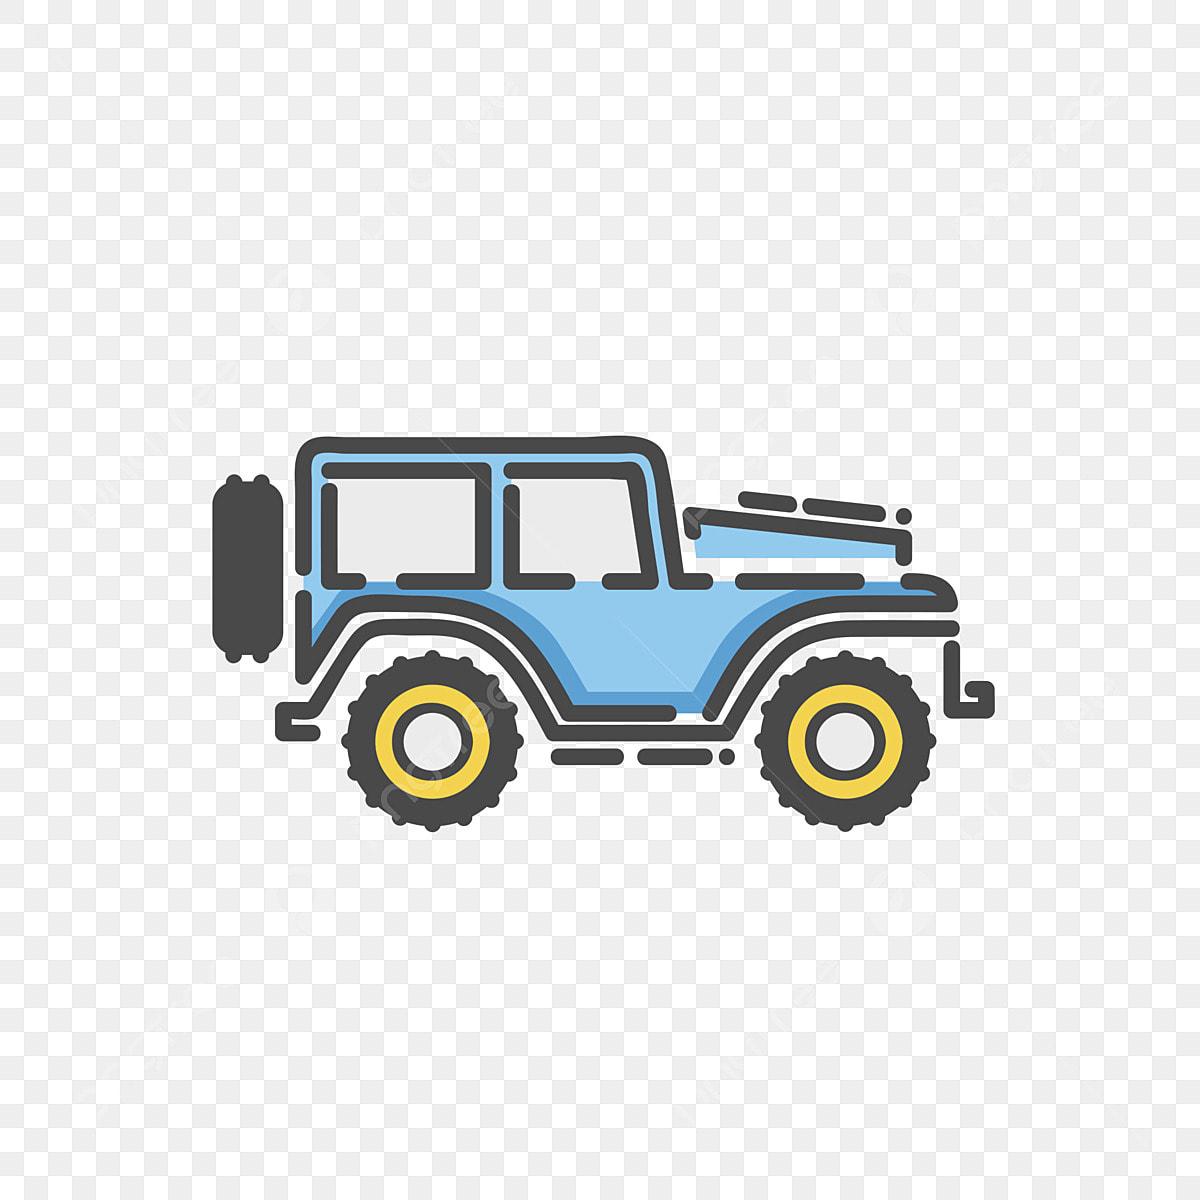 Gambar Mobil Kartun Jeep Clipart Suv Jip Png Transparan Clipart Dan File Psd Untuk Unduh Gratis